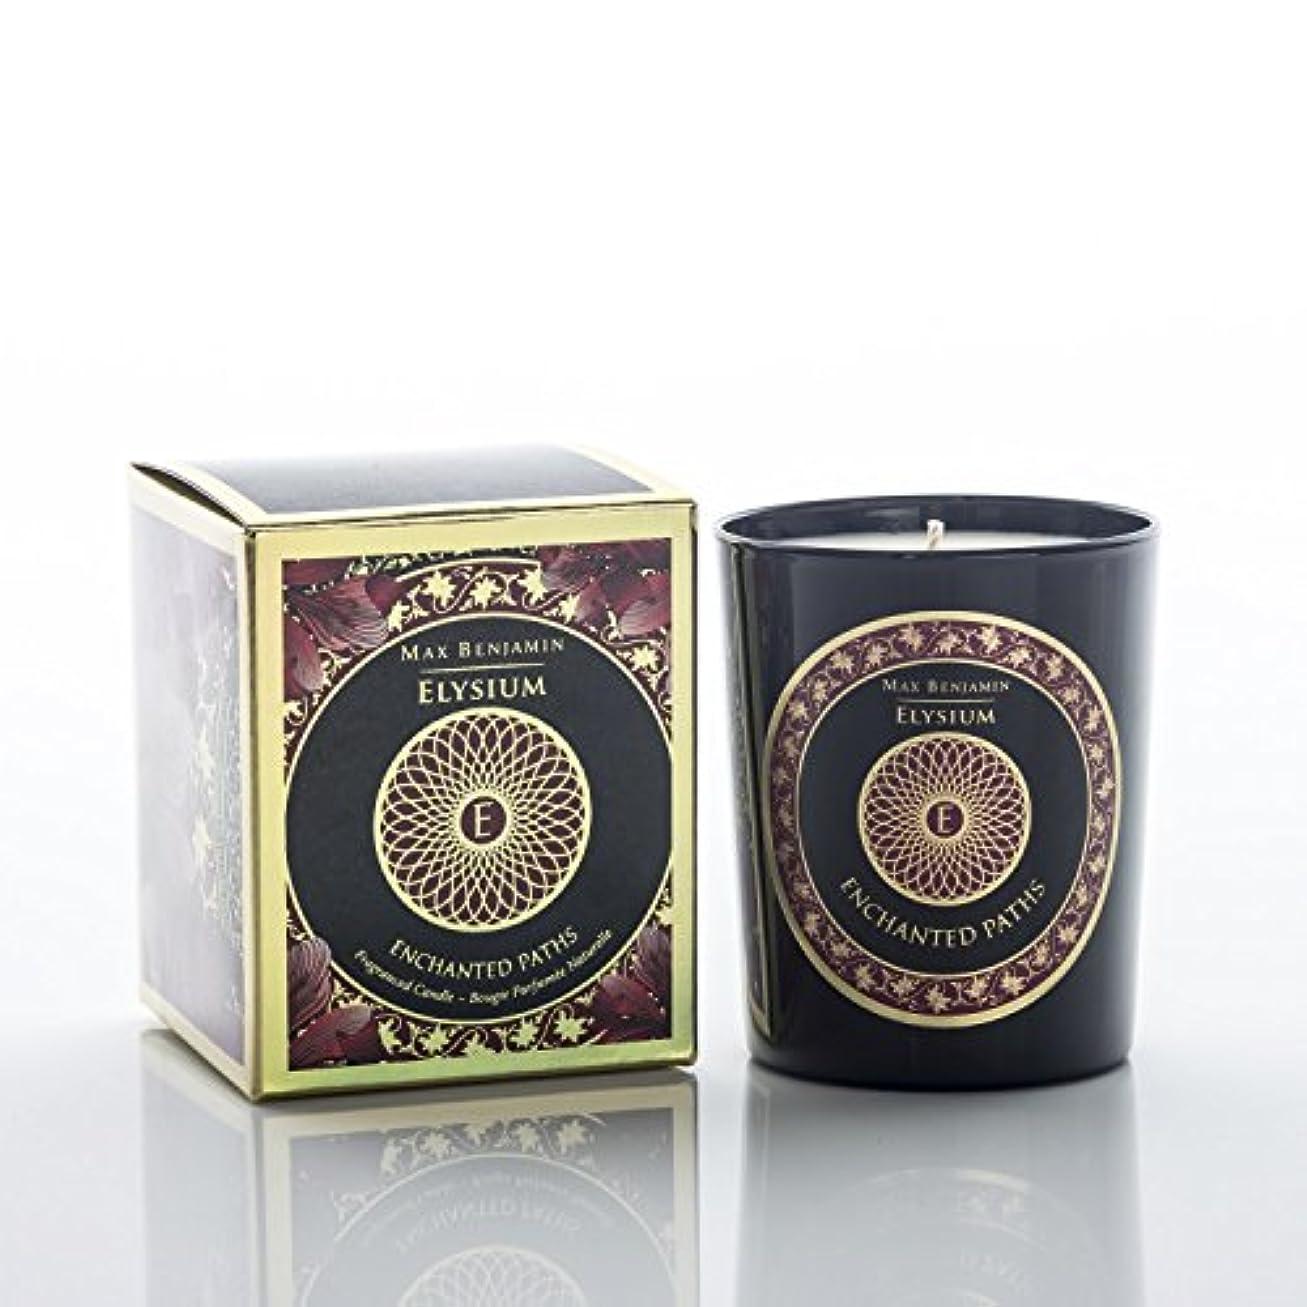 落ちた第遵守するMax Benjamin Elysium Candle香りつき190 gガラスJar MB-EC1